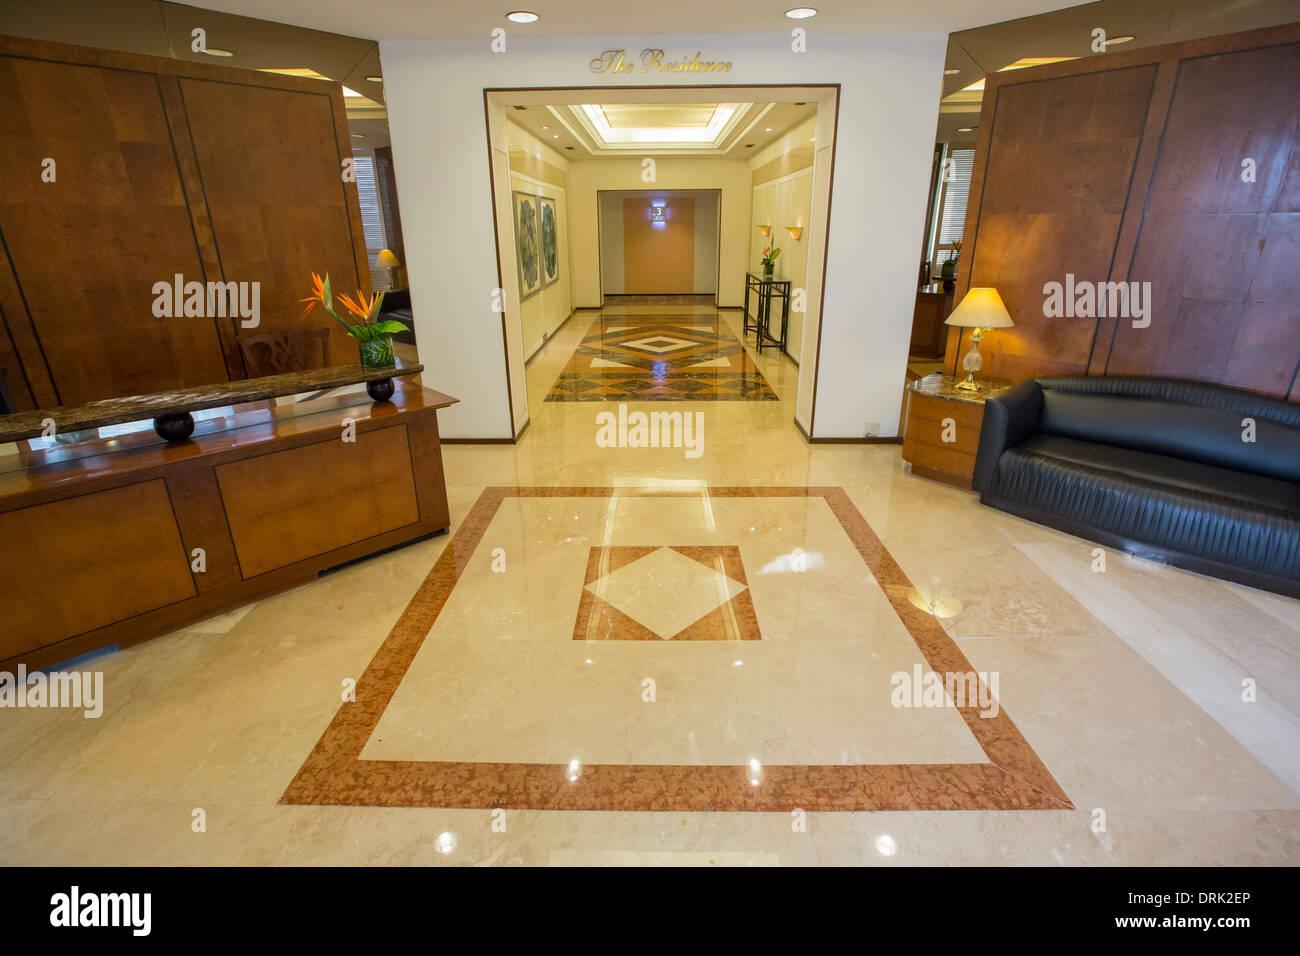 Floor Design India Stock Photos & Floor Design India Stock Images ...